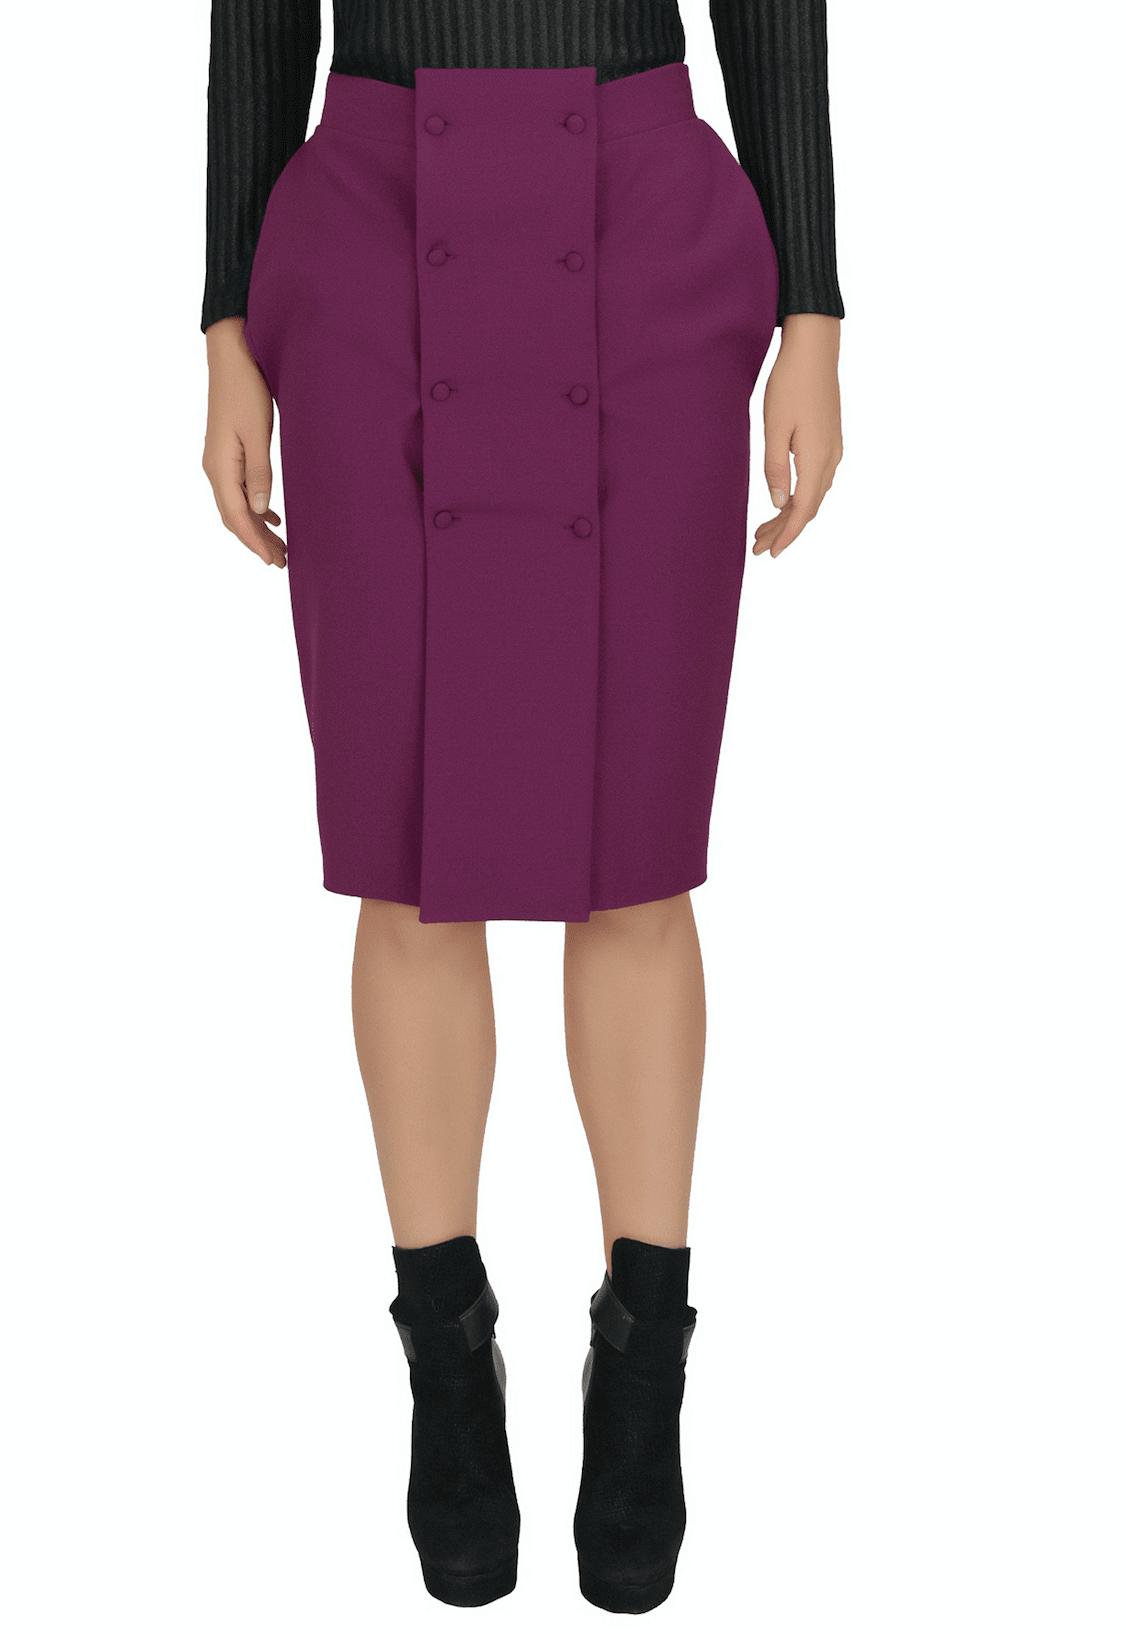 Skirt ALCOR 0